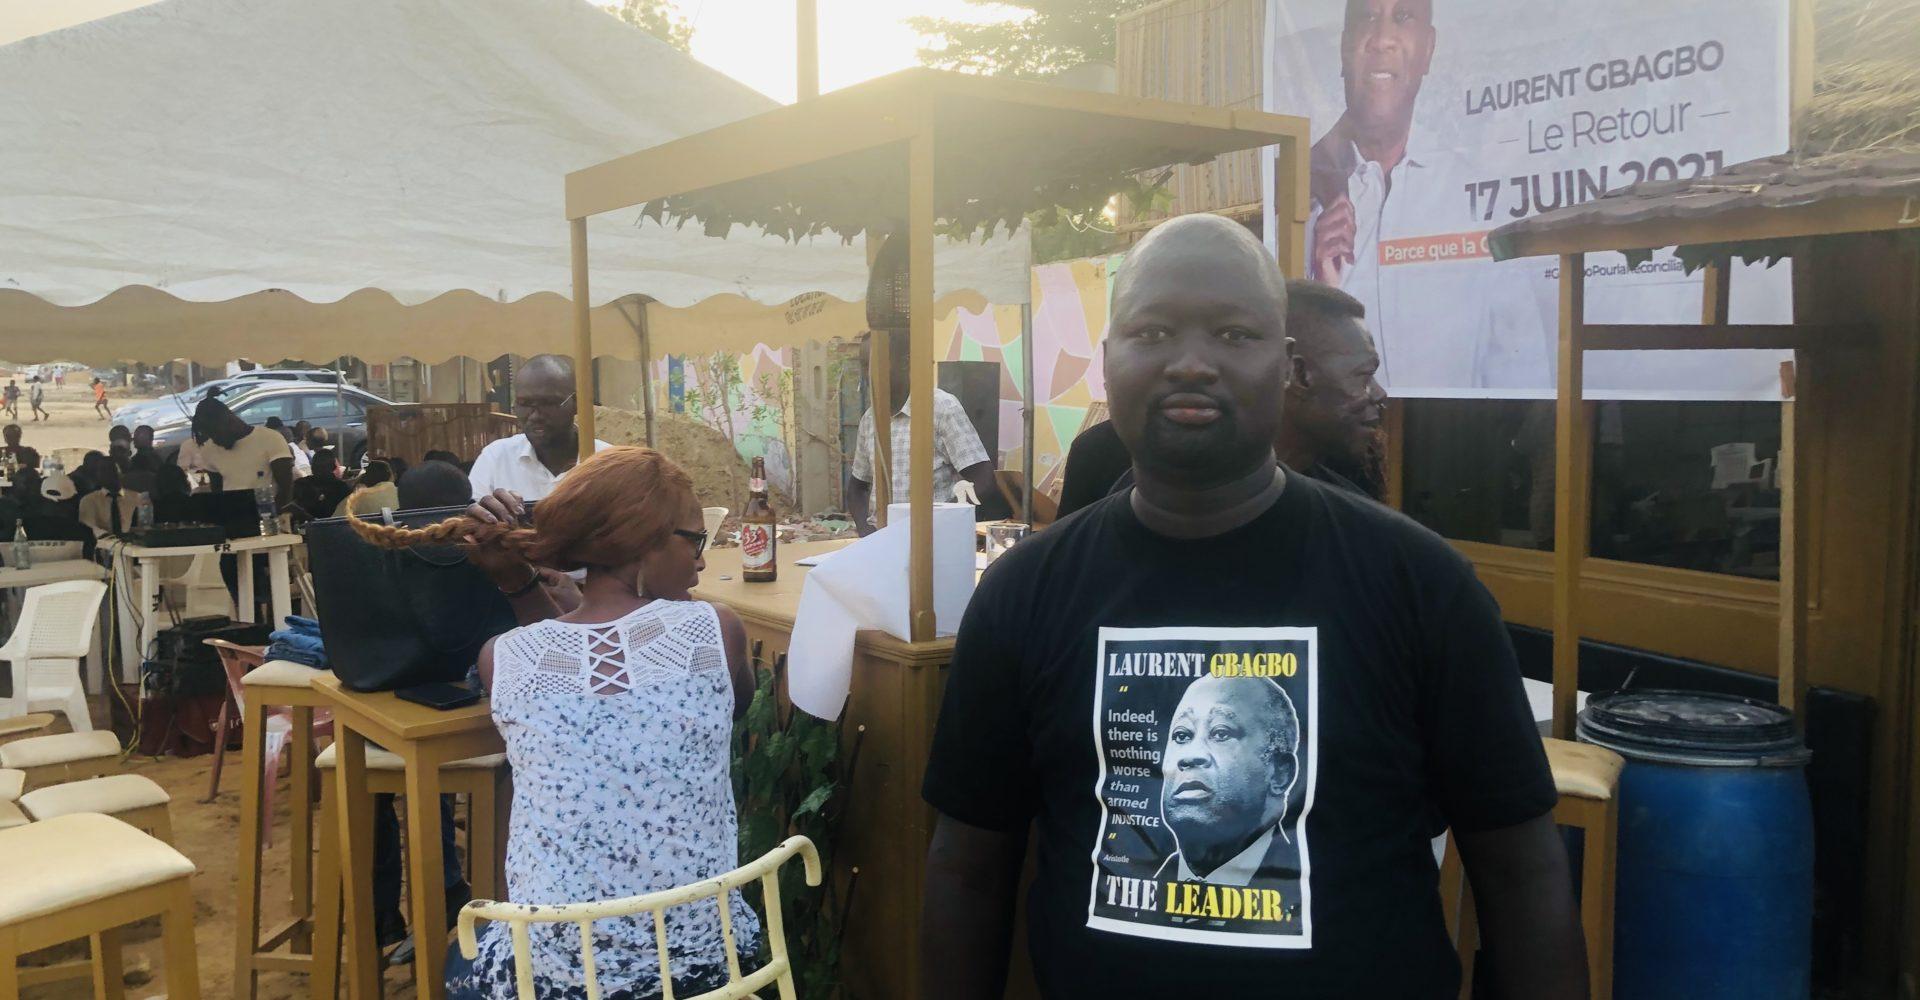 Le retour de Gbagbo en Côte d'Ivoire célébré aussi à N'Djamena 1